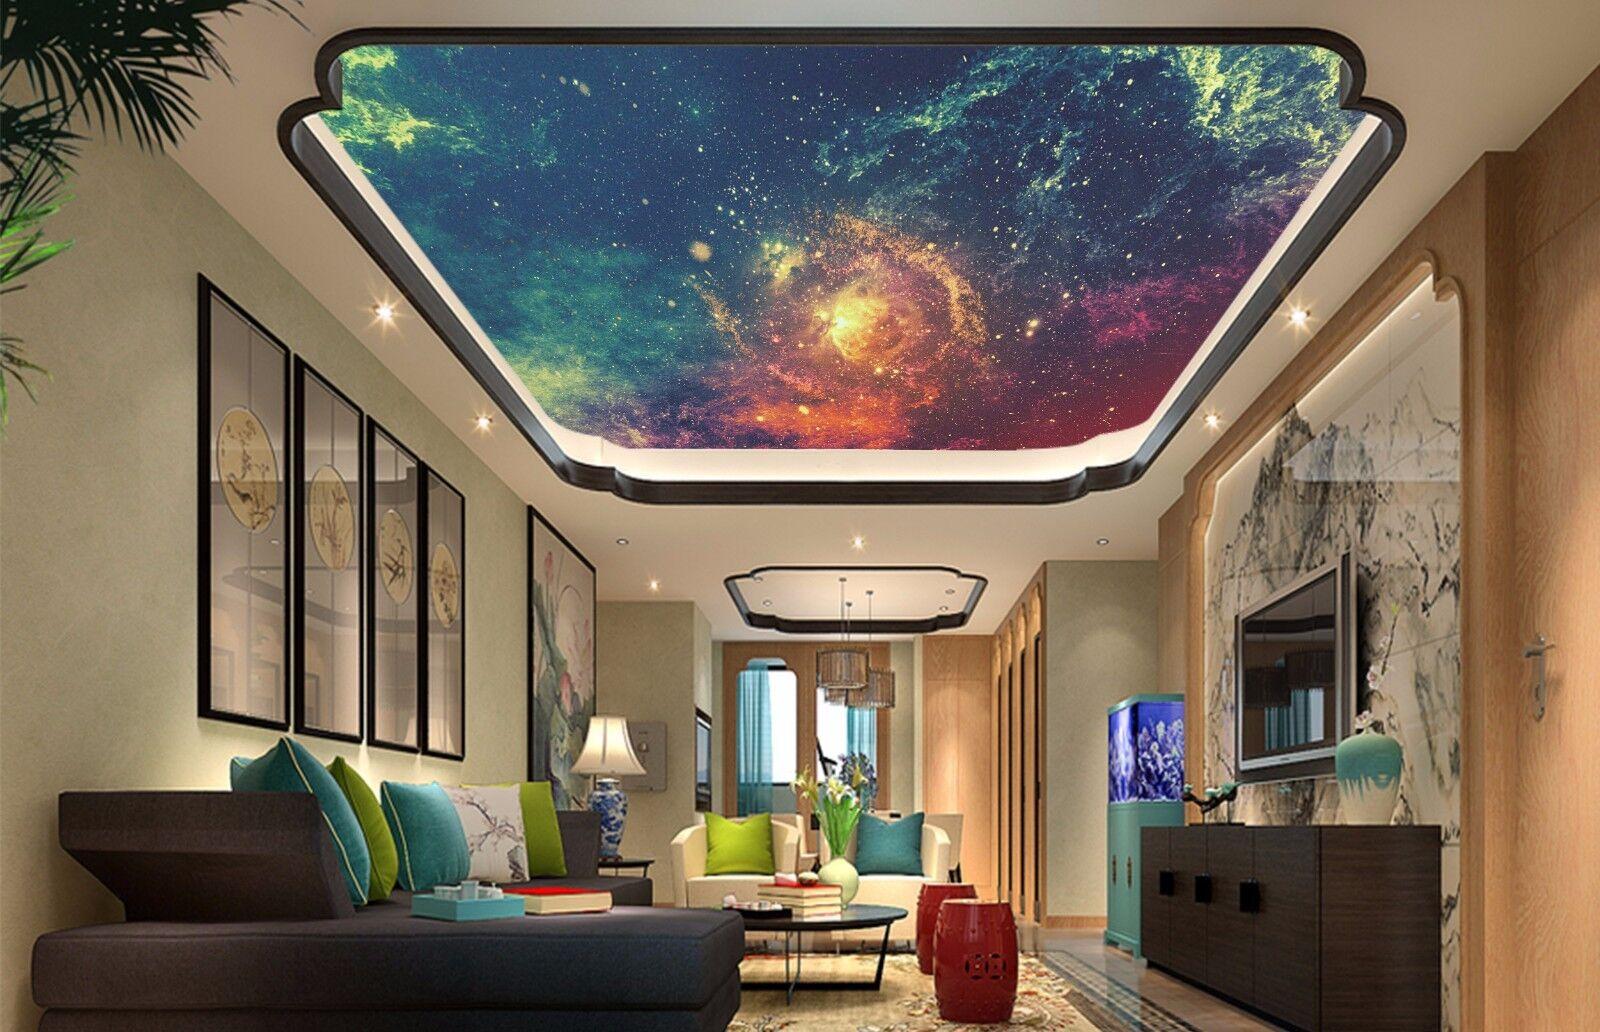 3D ColGoldt Starry 74 Ceiling WallPaper Murals Wall Print Decal Deco AJ WALLPAPER